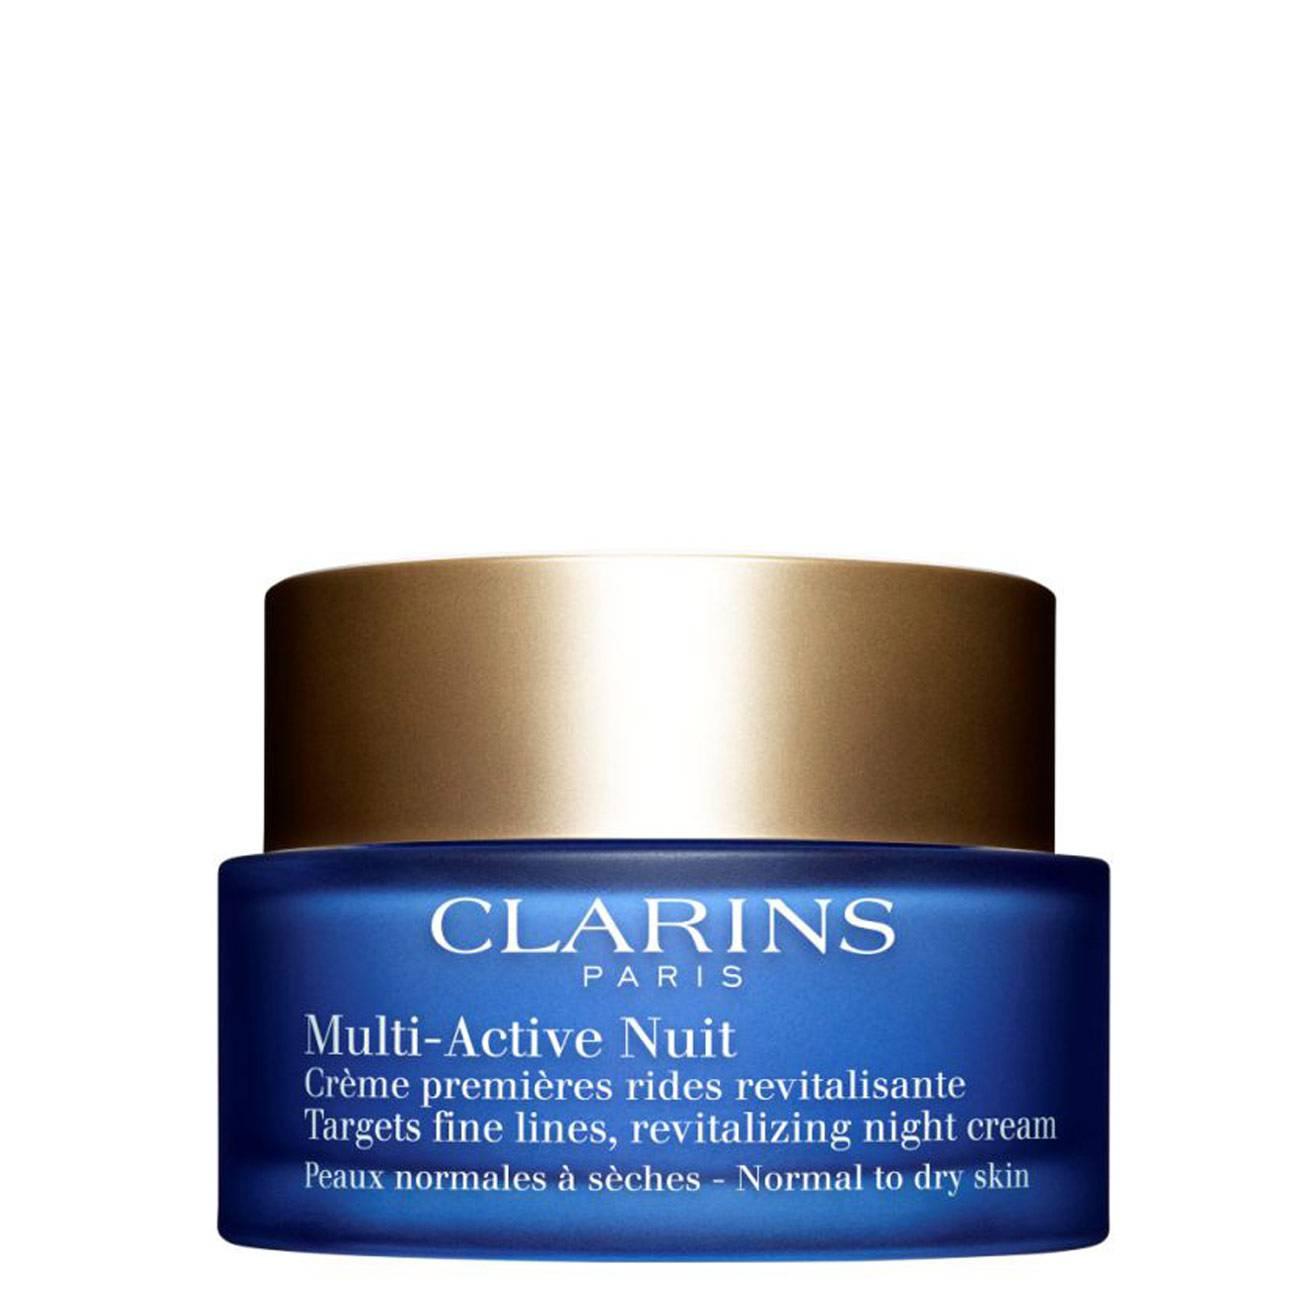 Multi Active Night Cream 50 Ml Clarins imagine 2021 bestvalue.eu